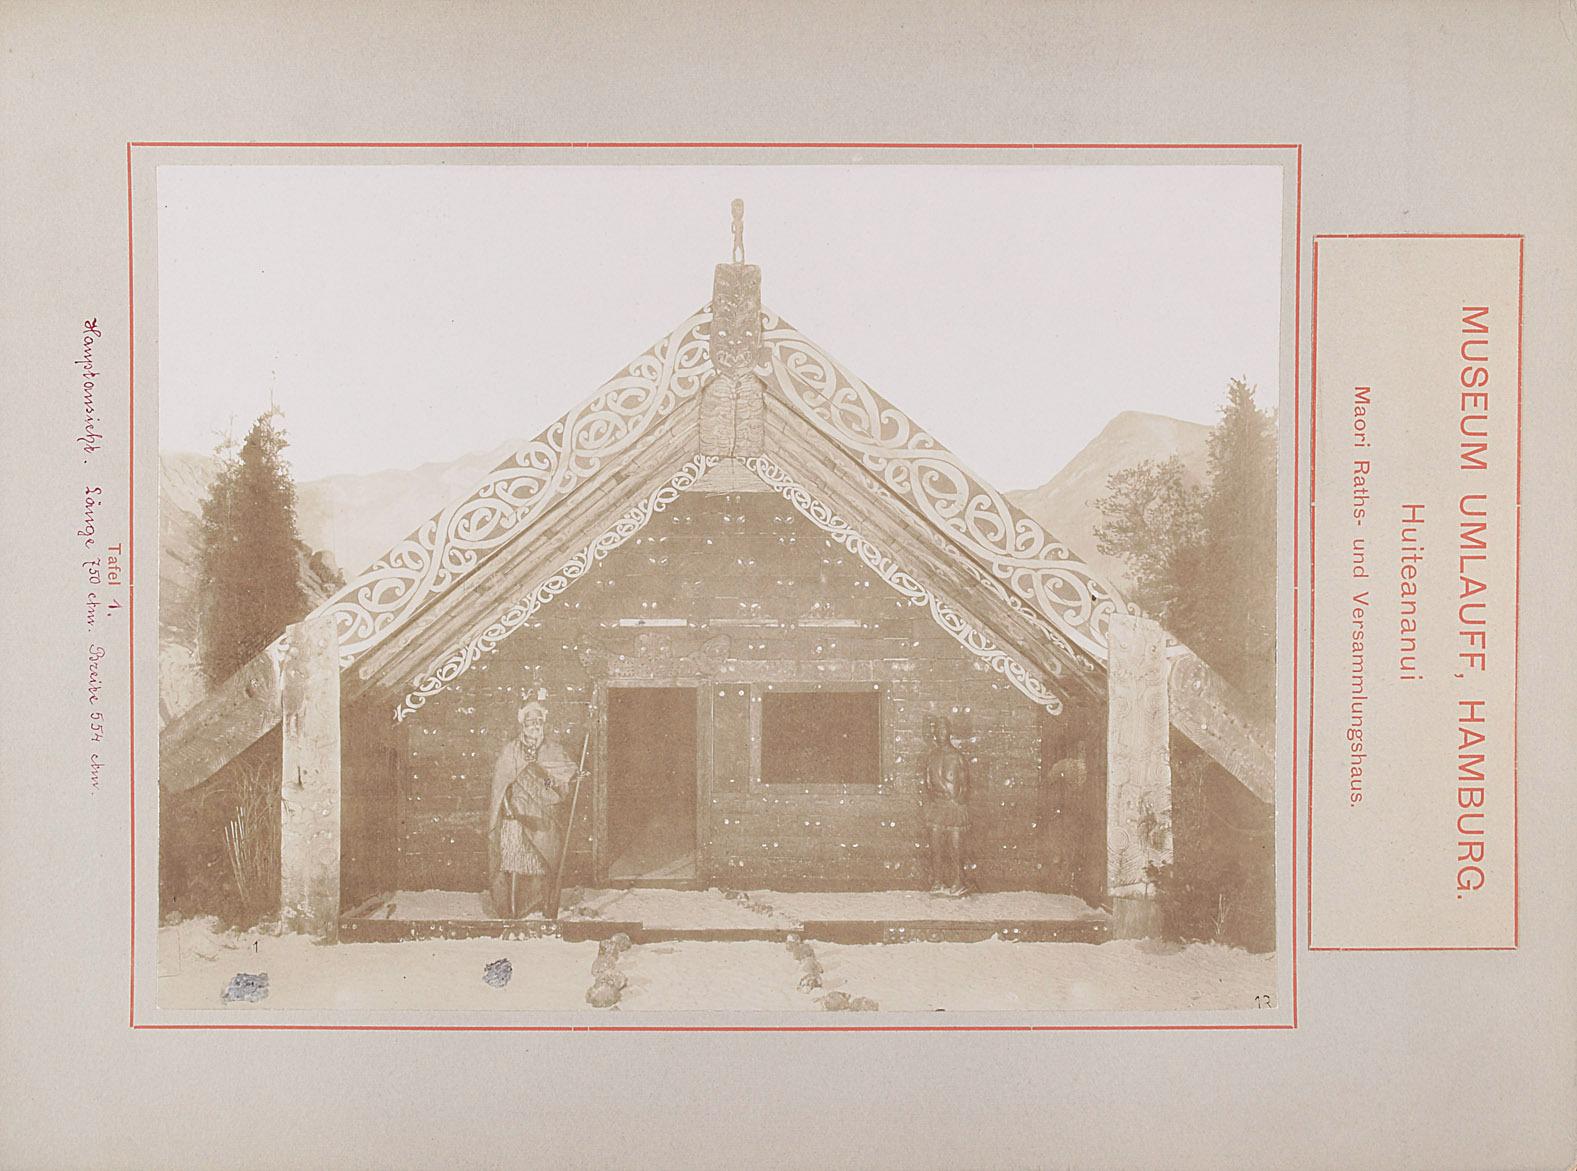 Museum Umlauff, Hamburg. Huiteananui, Maori Raths- und Versammlungshaus: Tafel 1. Hauptansicht, Länge 750 cm, Breite 554 cm von anonym